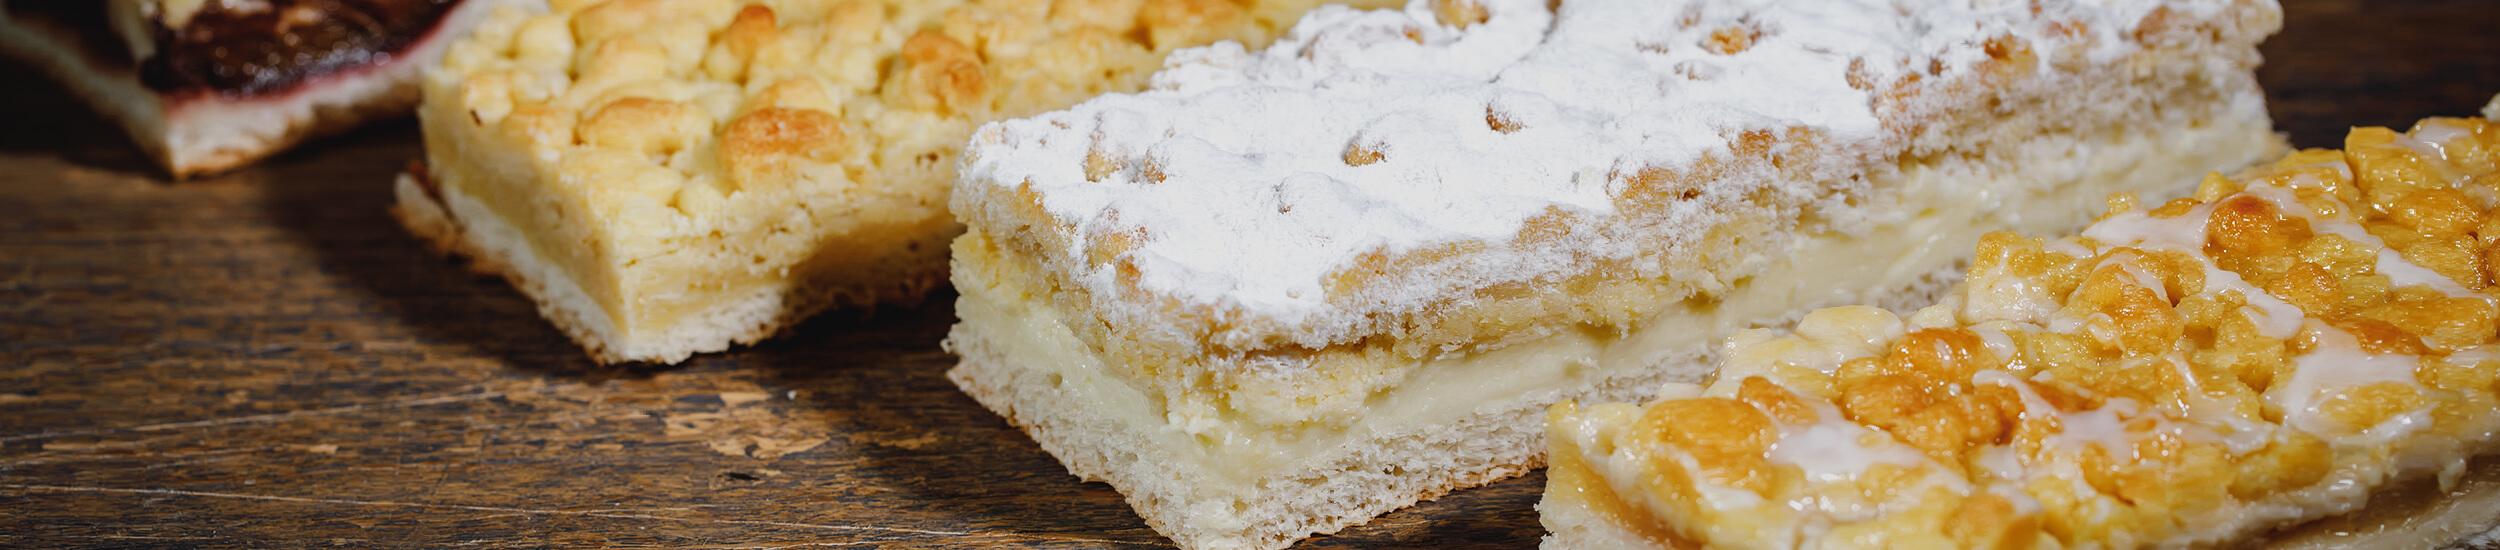 Bäckerei Illgen - Blechkuchen